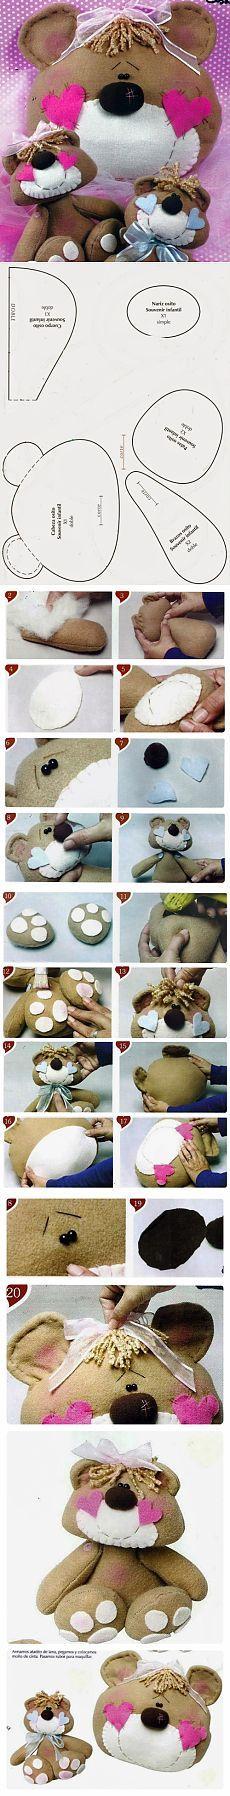 Cosemos un juguete y una almohada en forma de un oso / I / costura